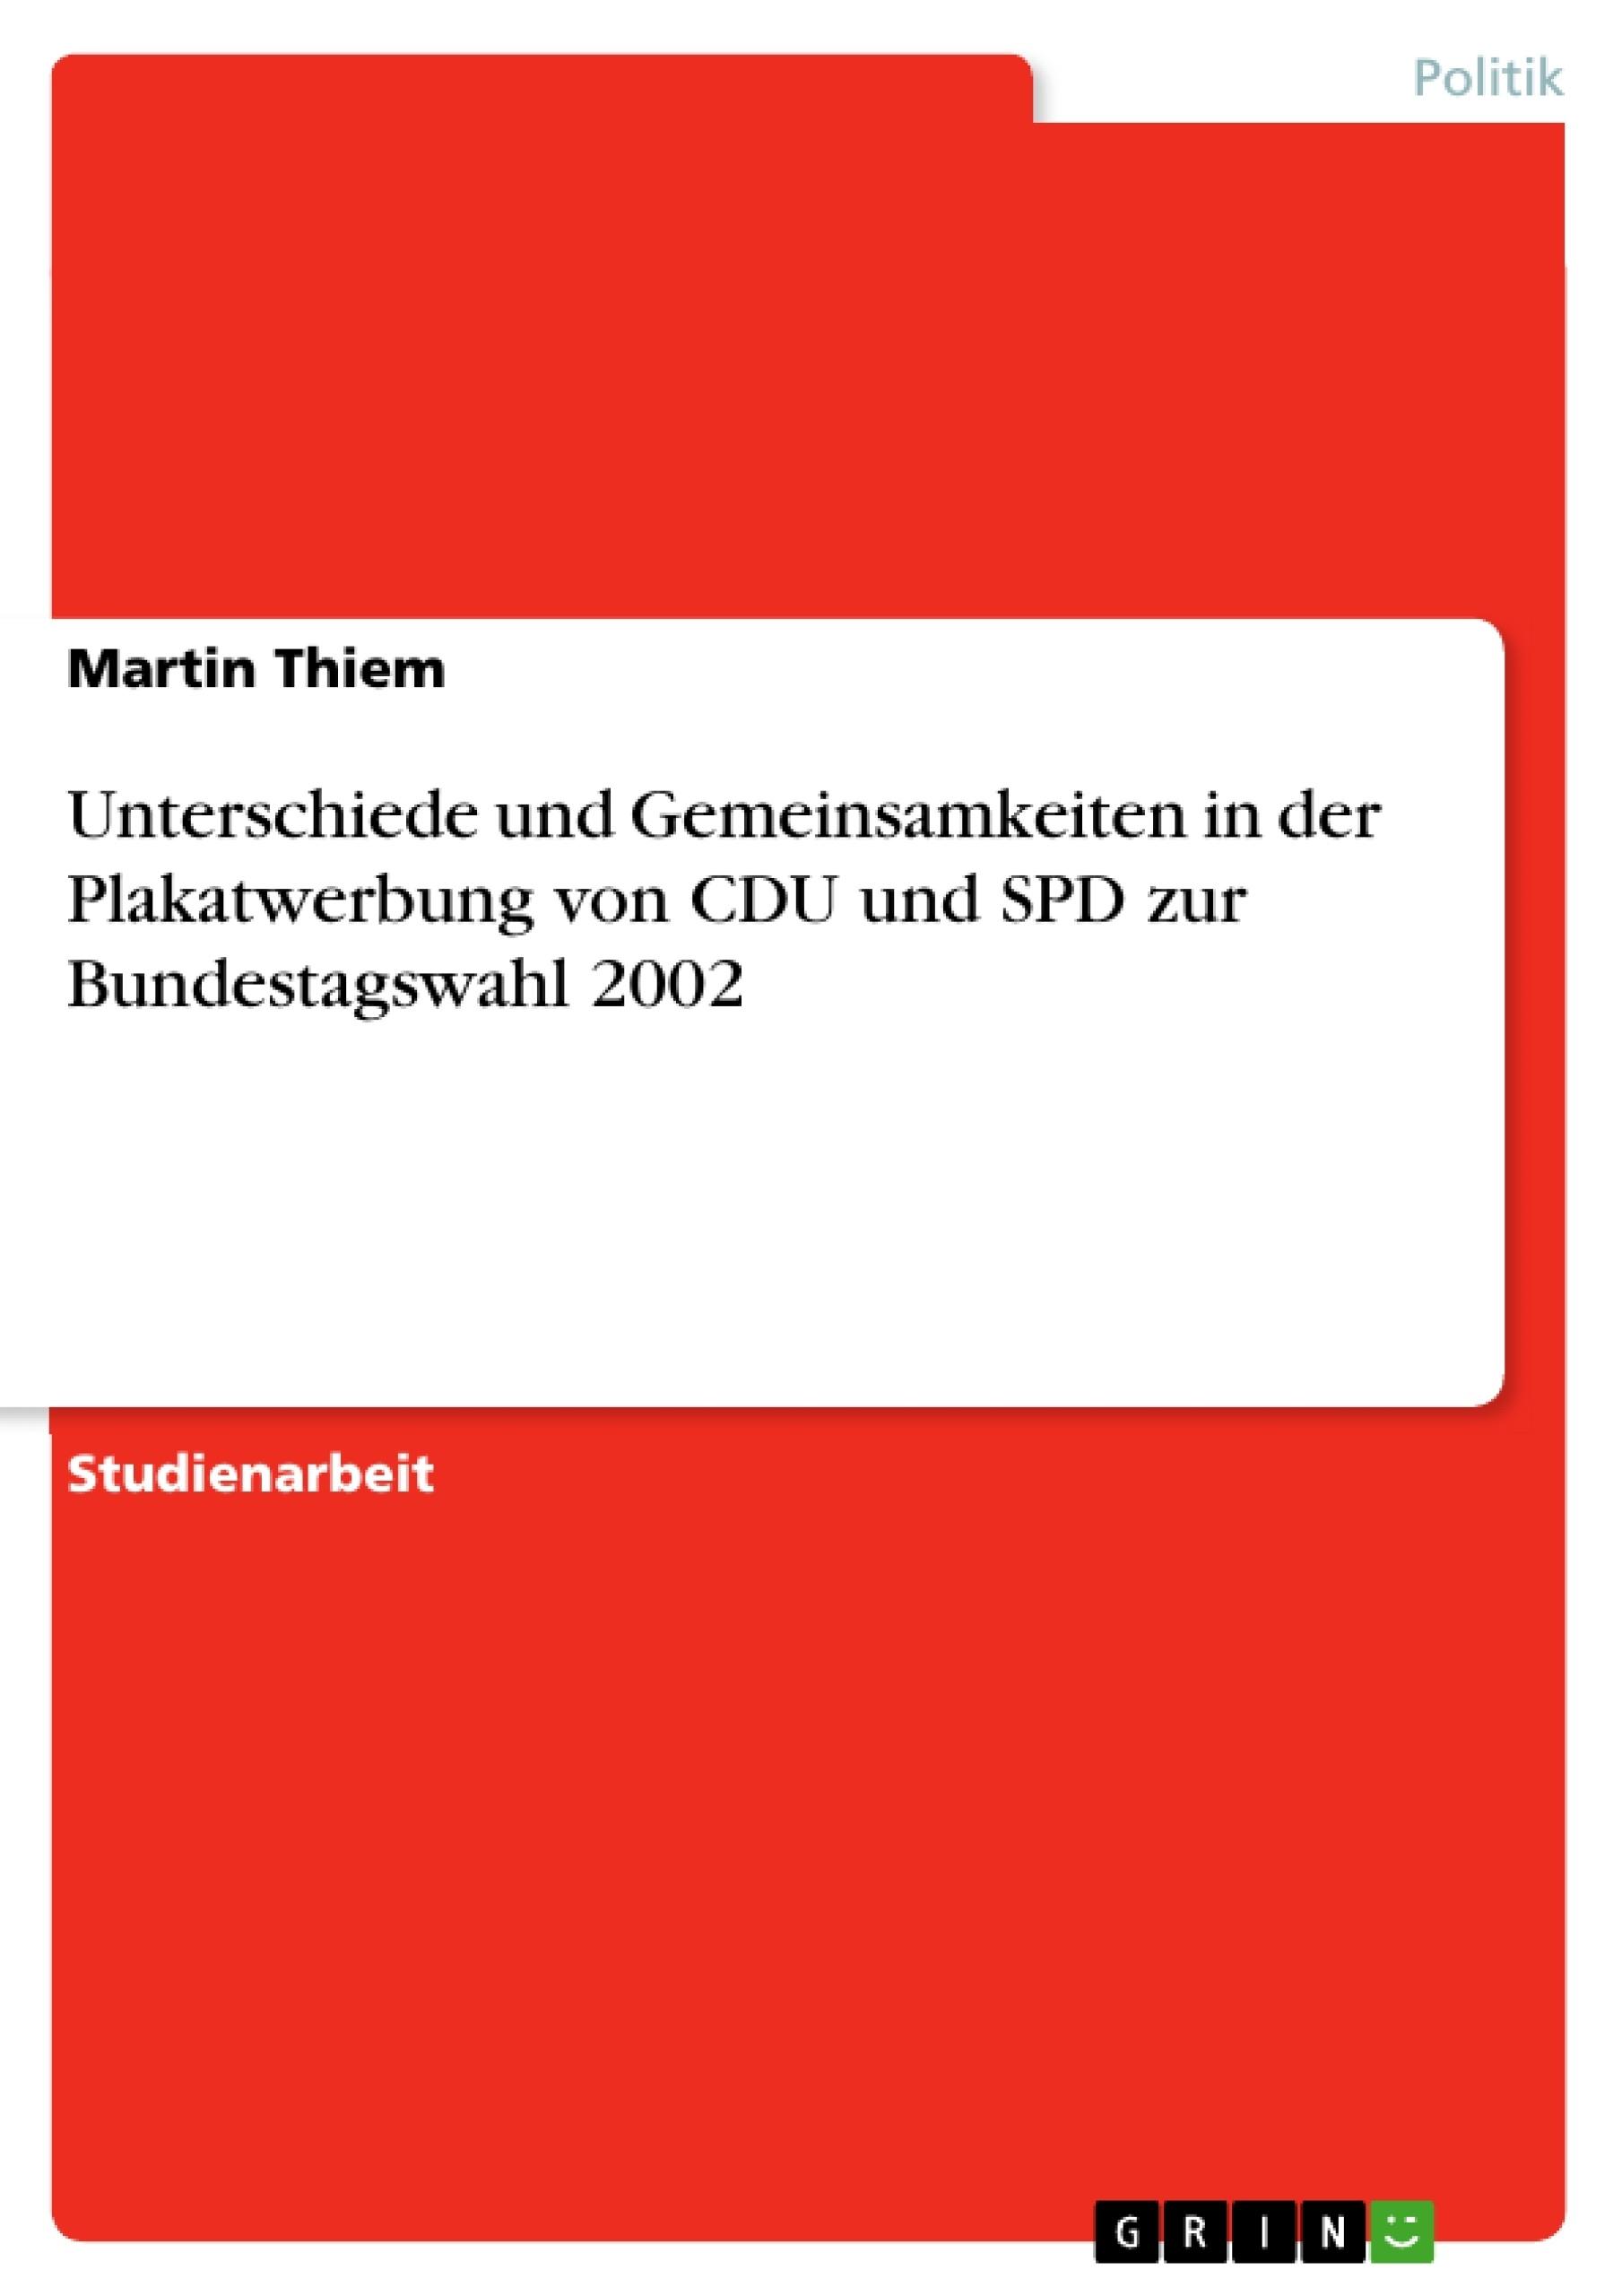 Titel: Unterschiede und Gemeinsamkeiten in der Plakatwerbung von CDU und SPD zur Bundestagswahl 2002